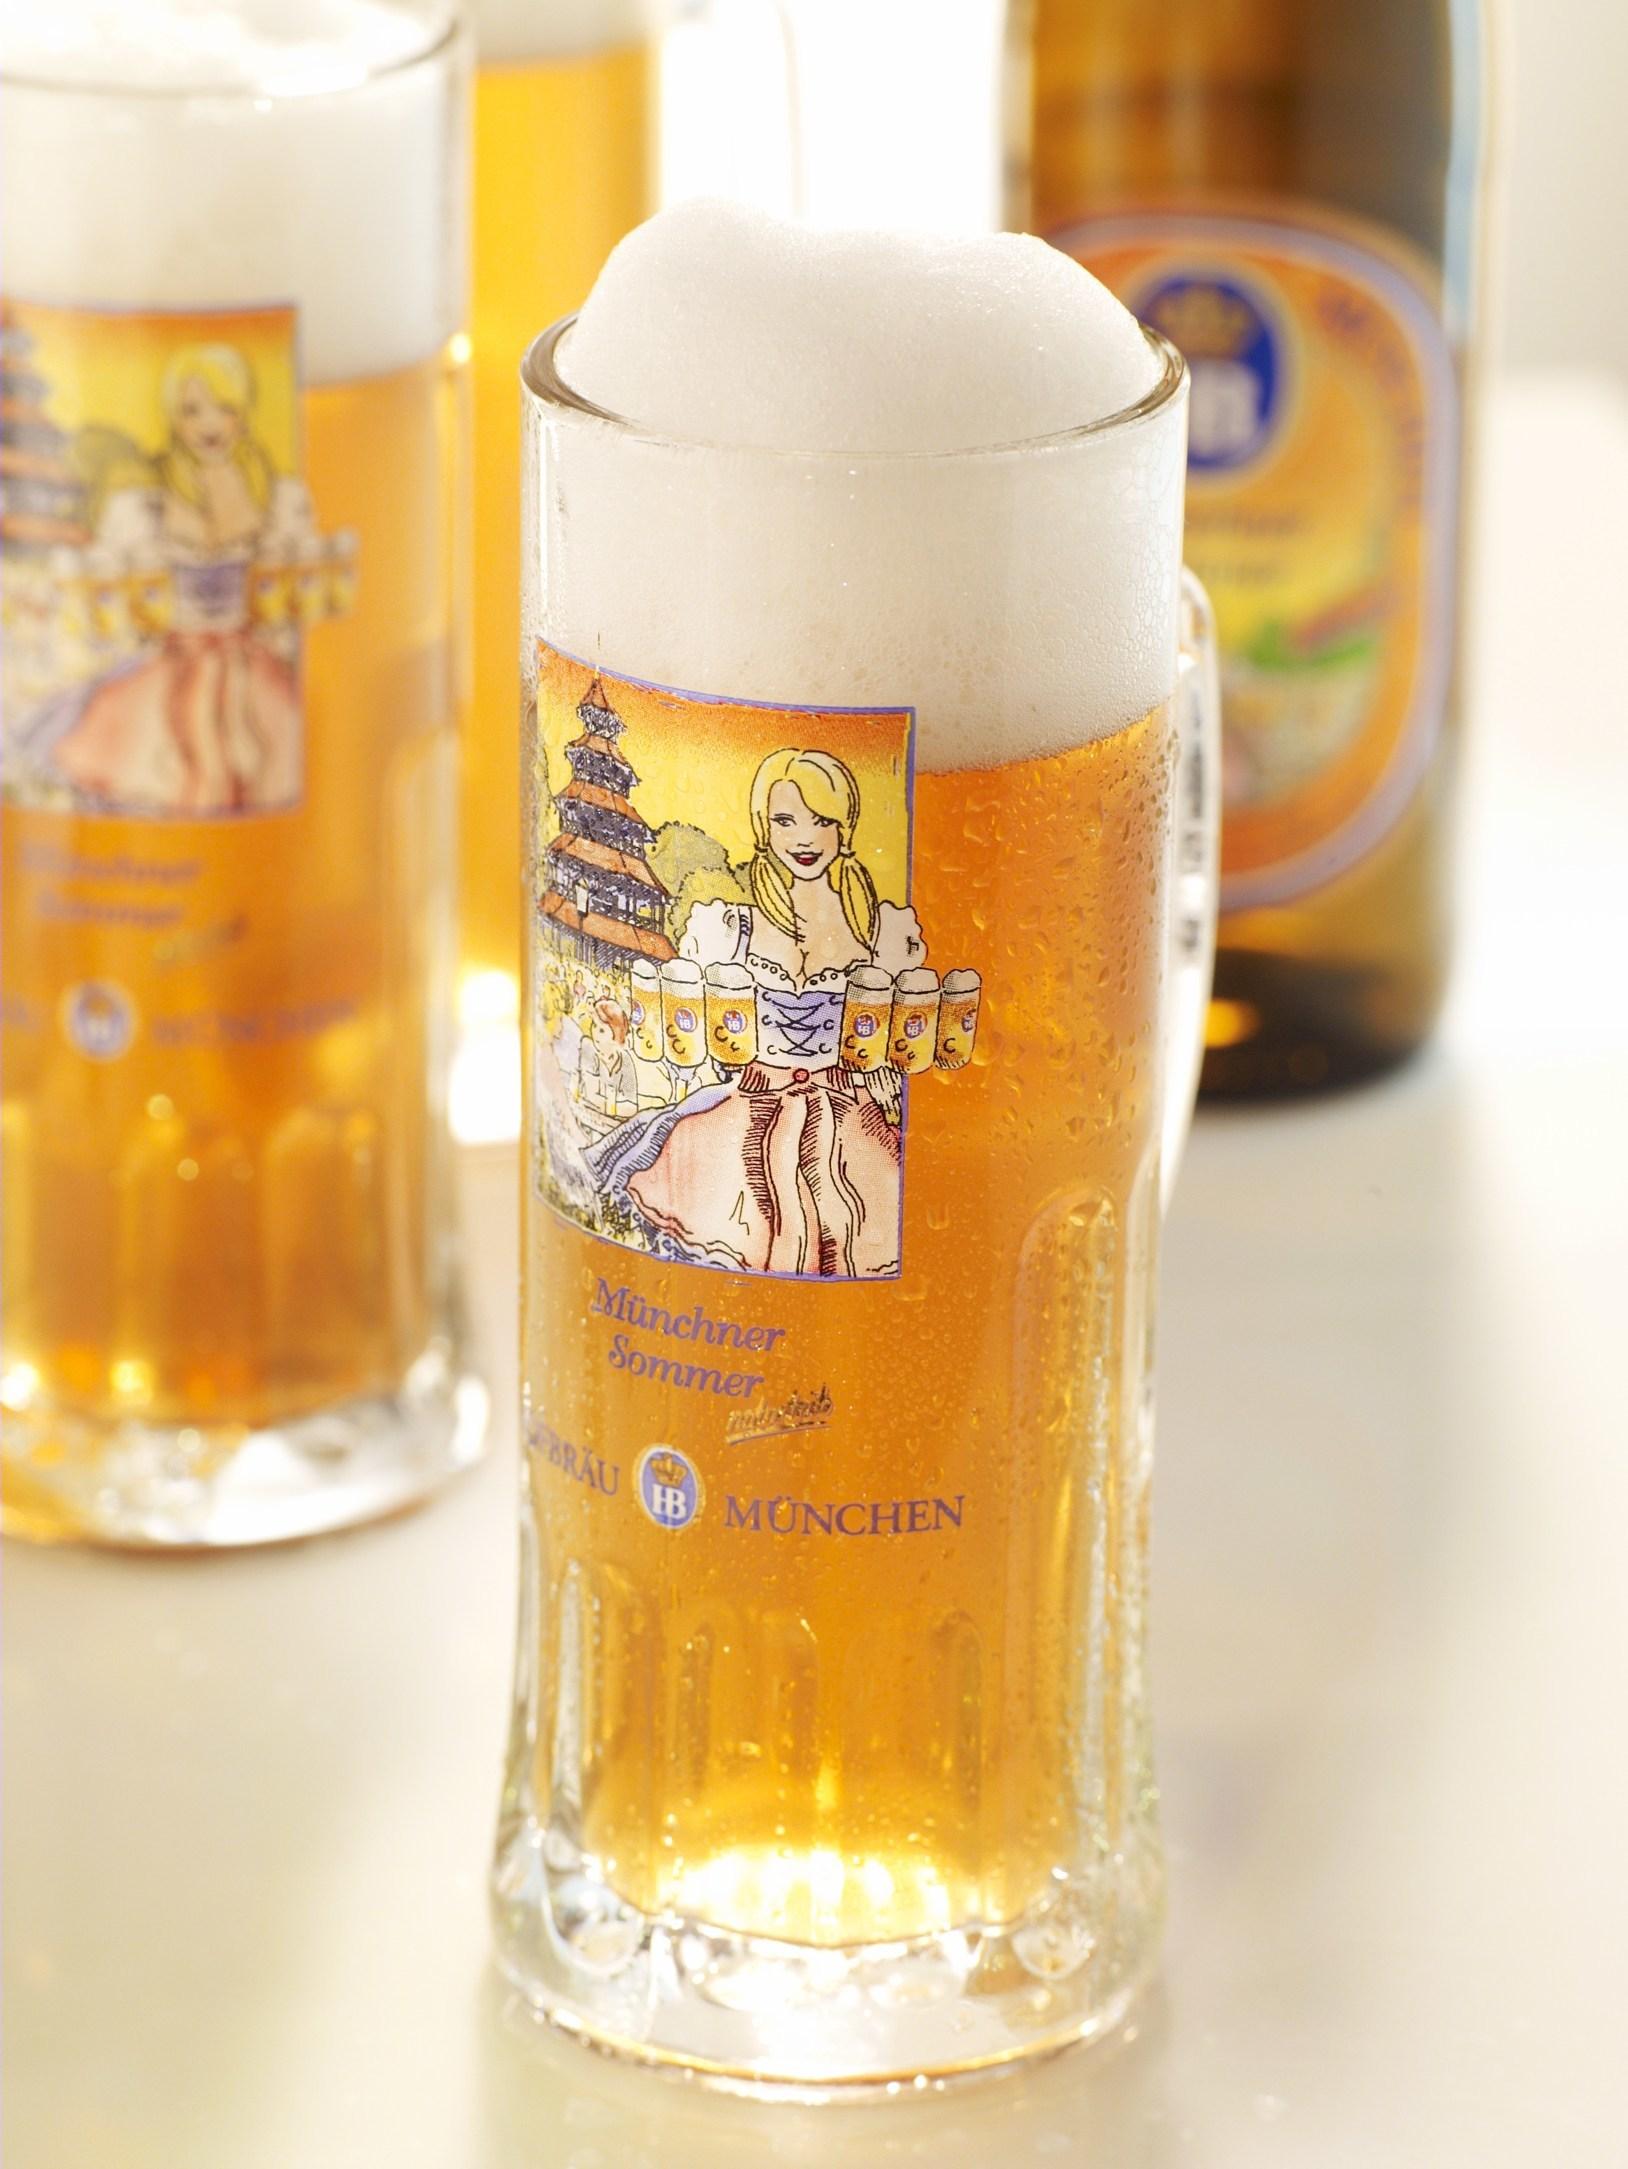 ホフブロイサマービール  本場ドイツでも年に1度の季節限定醸造で人気の高いビール。爽やかな味わい、きめ細やかな泡とオレンジ色の輝きでフルーティなアロマが特徴のラガービール。Alc. 5.1%